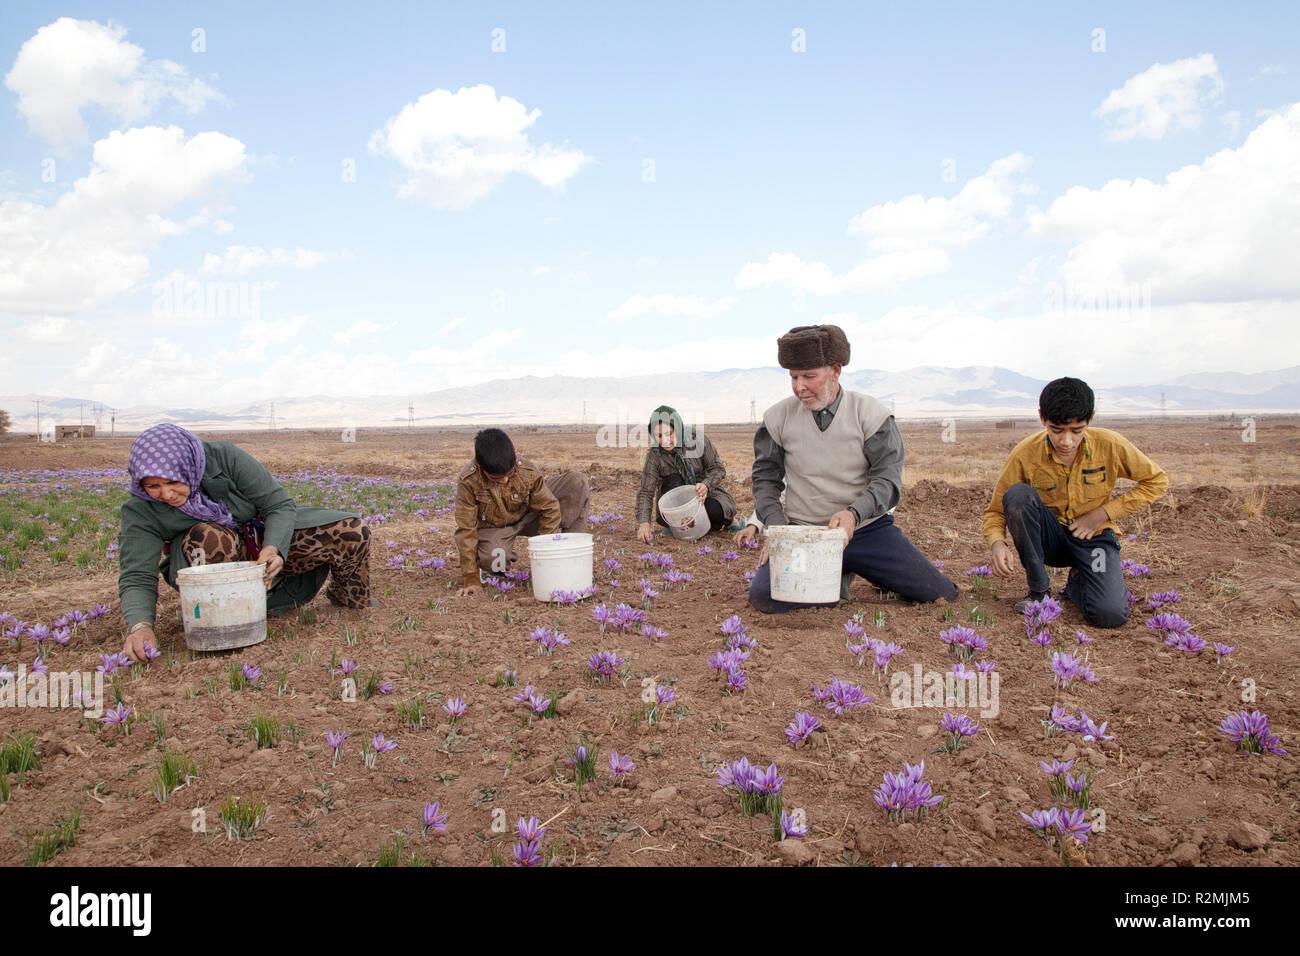 Una famiglia di Iraniani picks zafferano fiori di propria piantagione e la città di Torbat nella provincia di Khorasan è noto per le grandi piantagioni di zafferano Immagini Stock